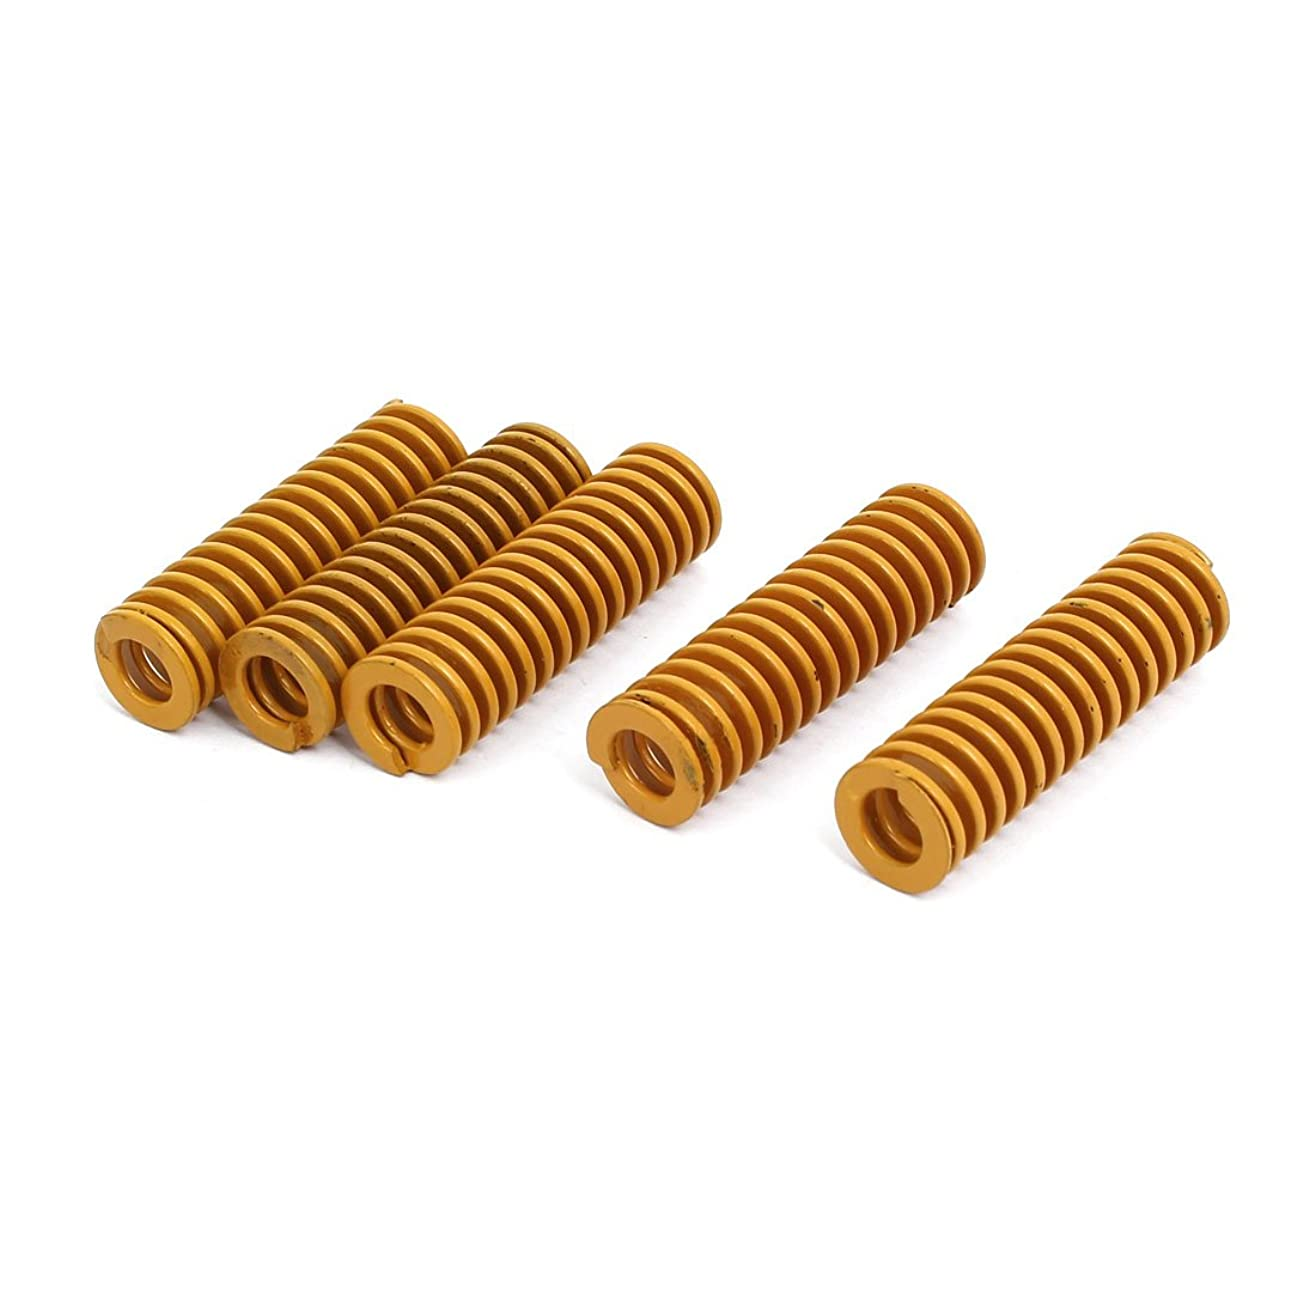 意識的バーター物語uxcell 圧縮金型ダイスプリング 工業用スプリング 最軽量負荷 6.5mm x 12mm x 40mm イエロー 5本入